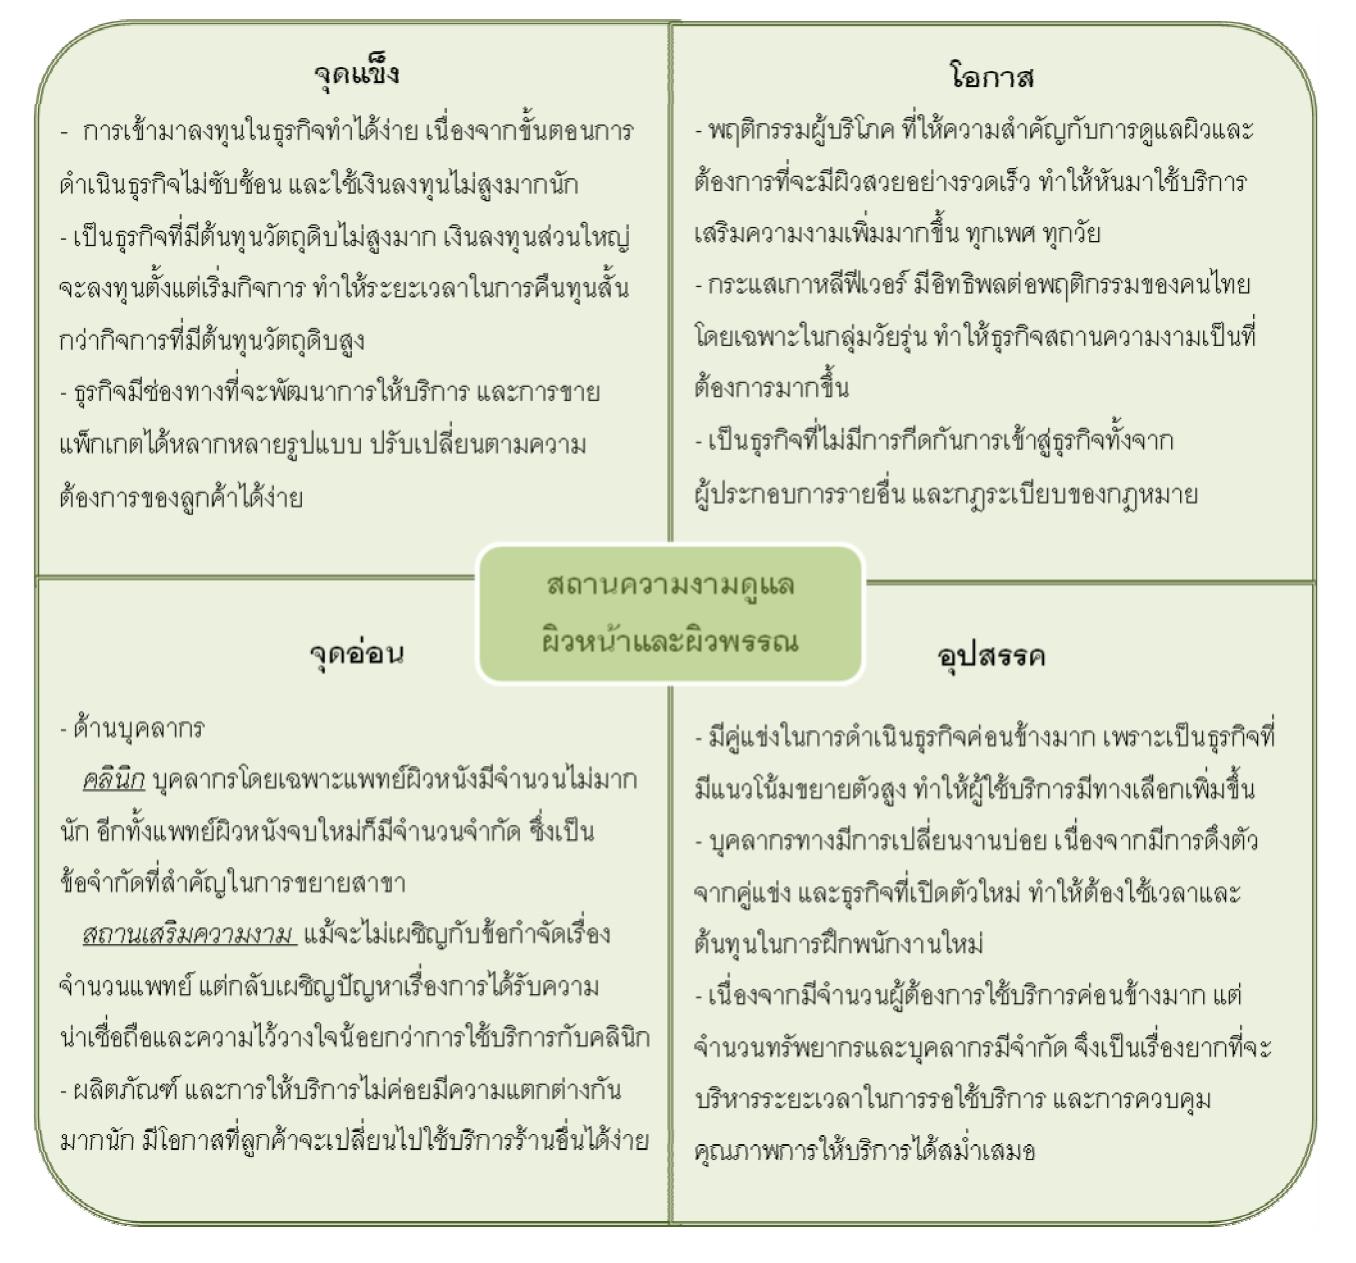 ศูนย์วิจัยกสิกร-เก่า_03